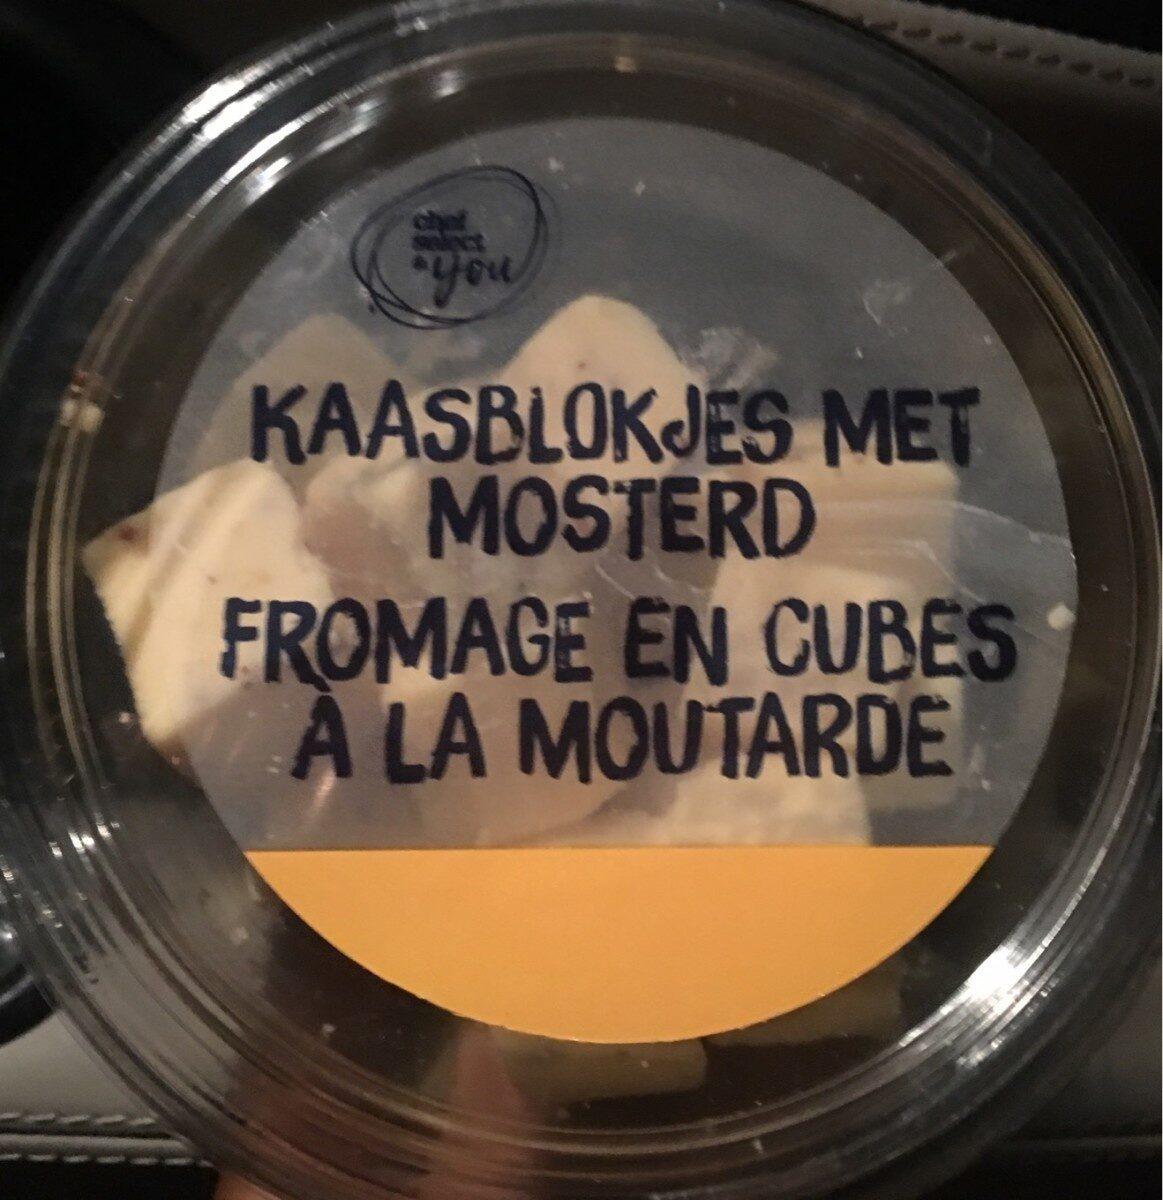 Fromage en cubes à la moutarde - Produit